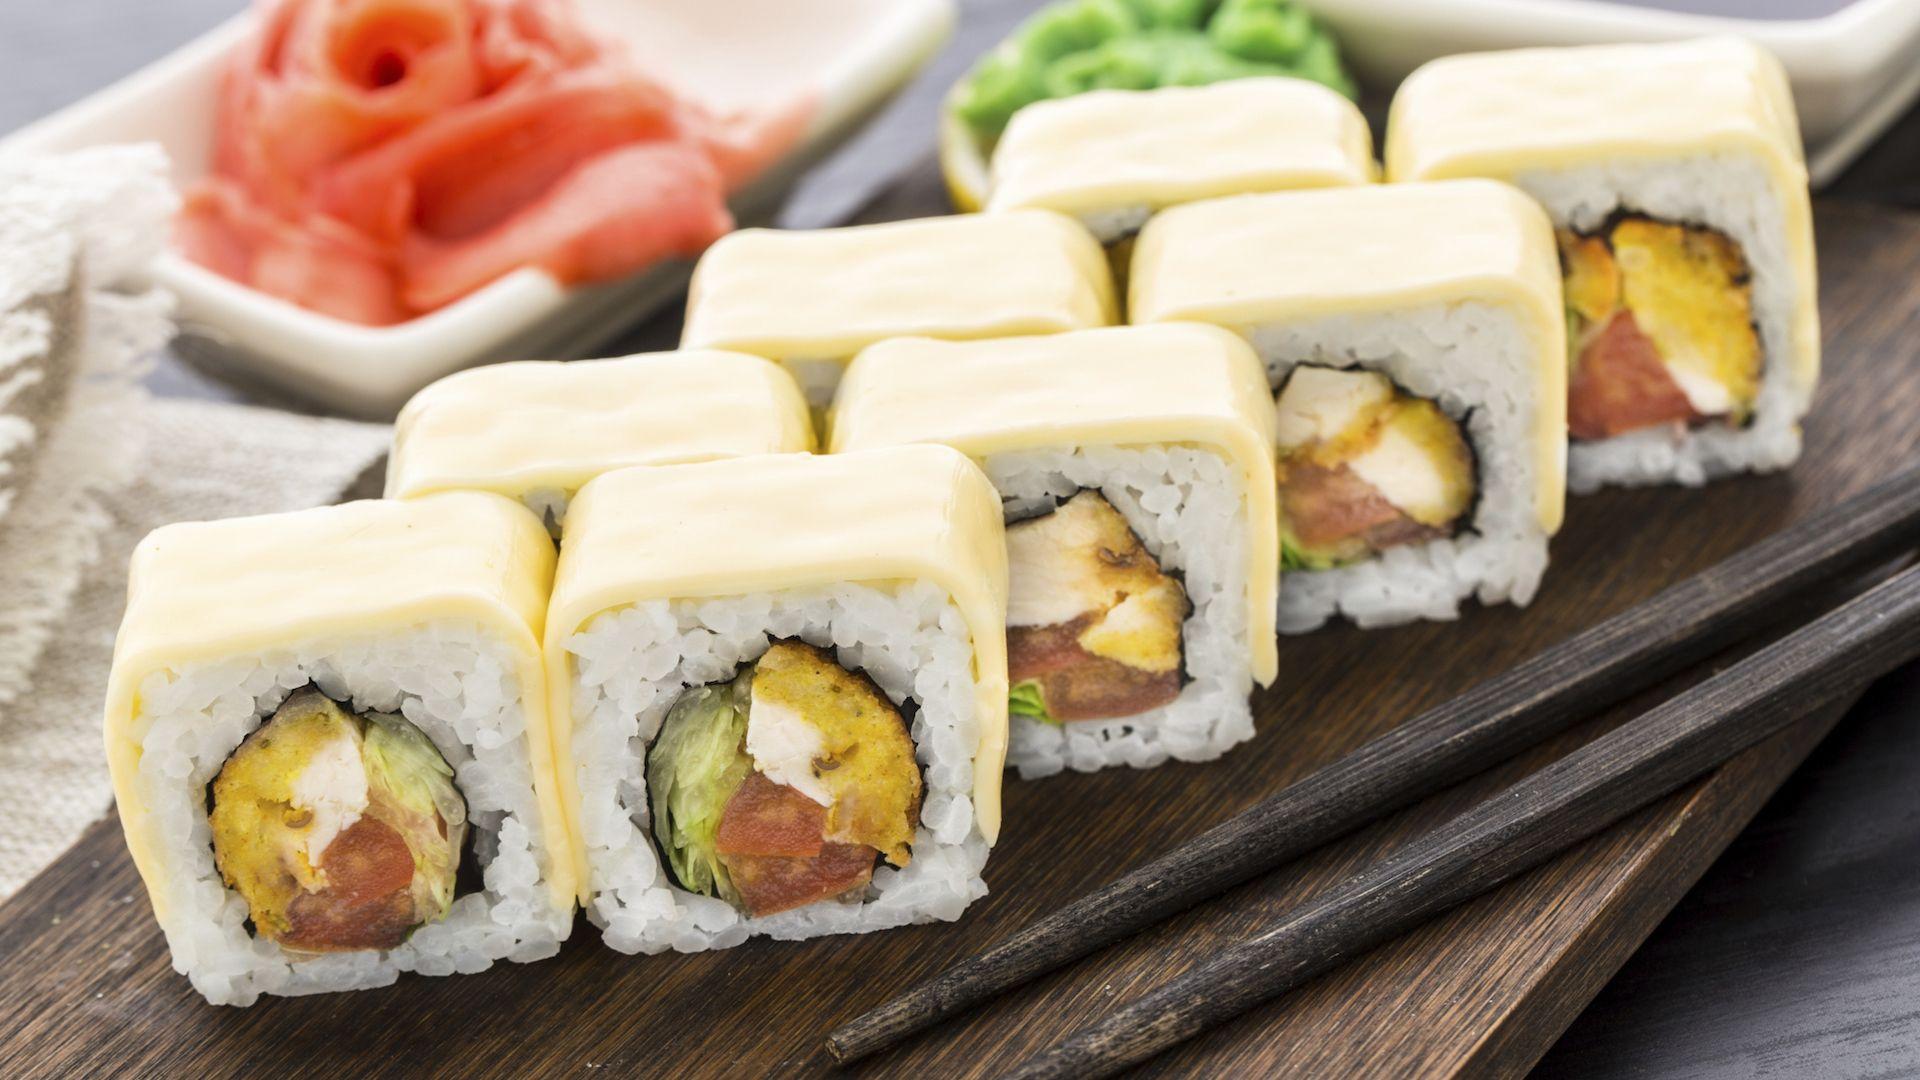 Рейтинг лучших доставок суши и роллов в Уфе в 2020 году